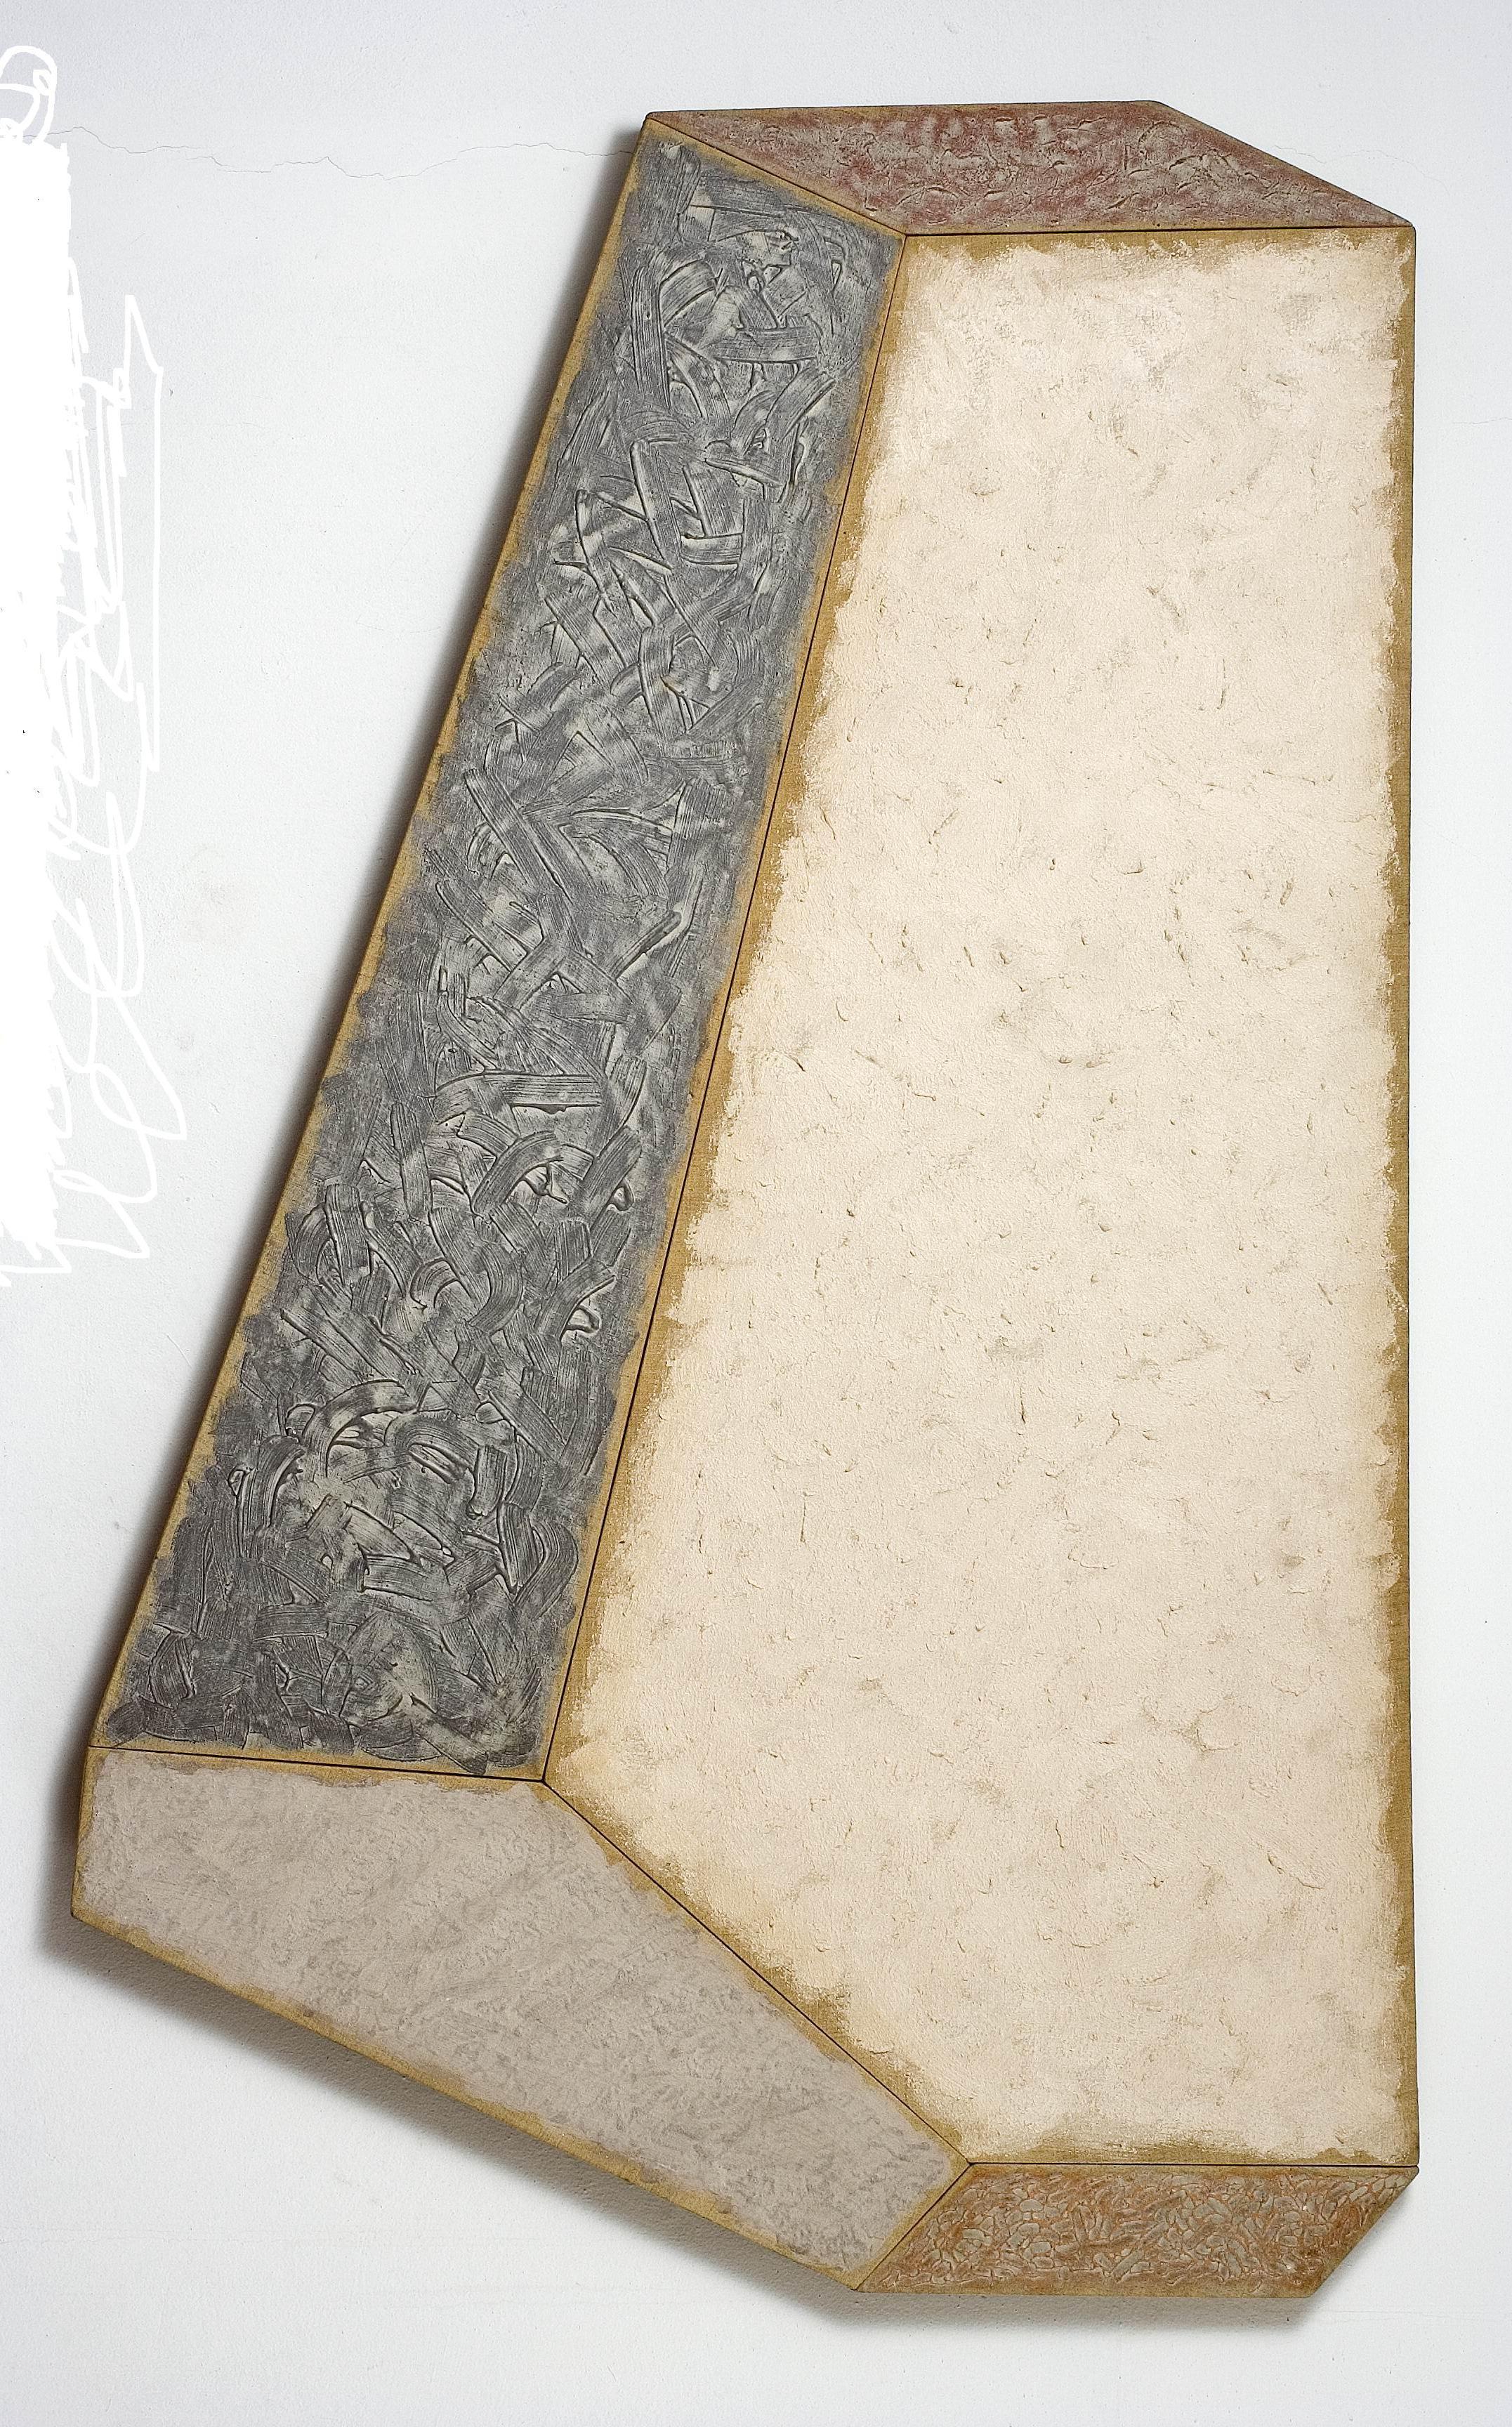 43.1984-184x95cm